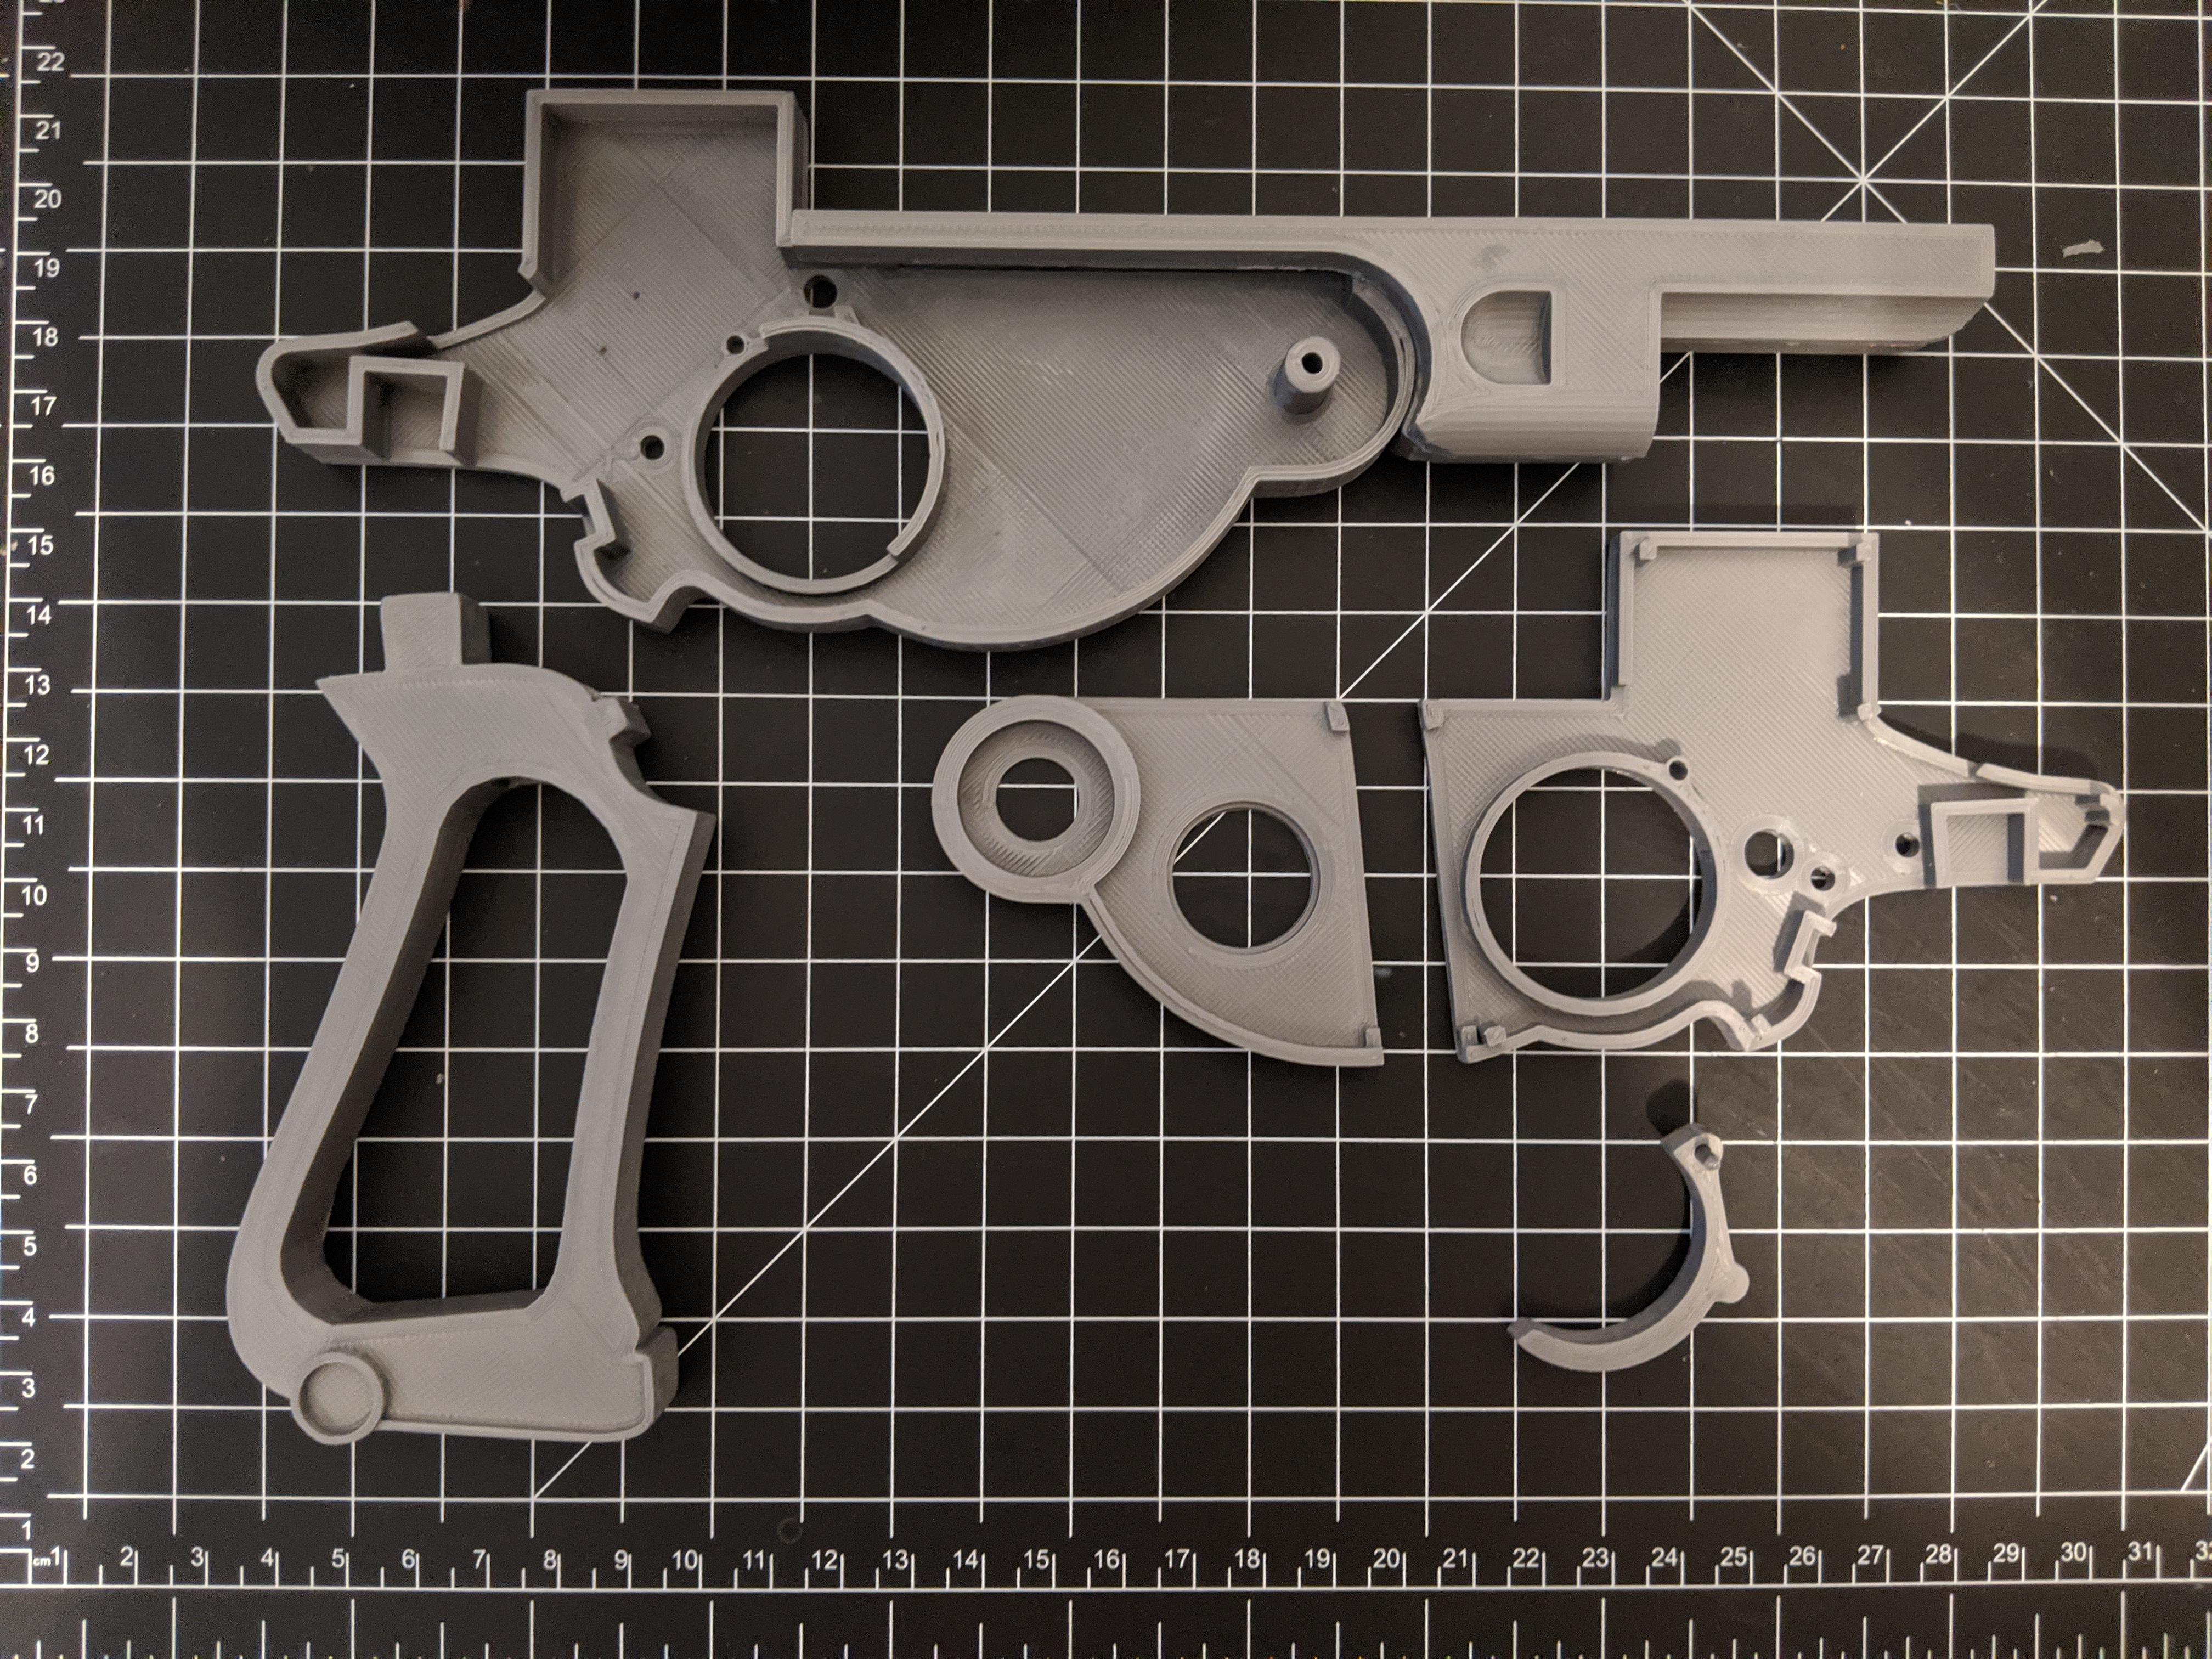 wip52 mechanical fit.jpg